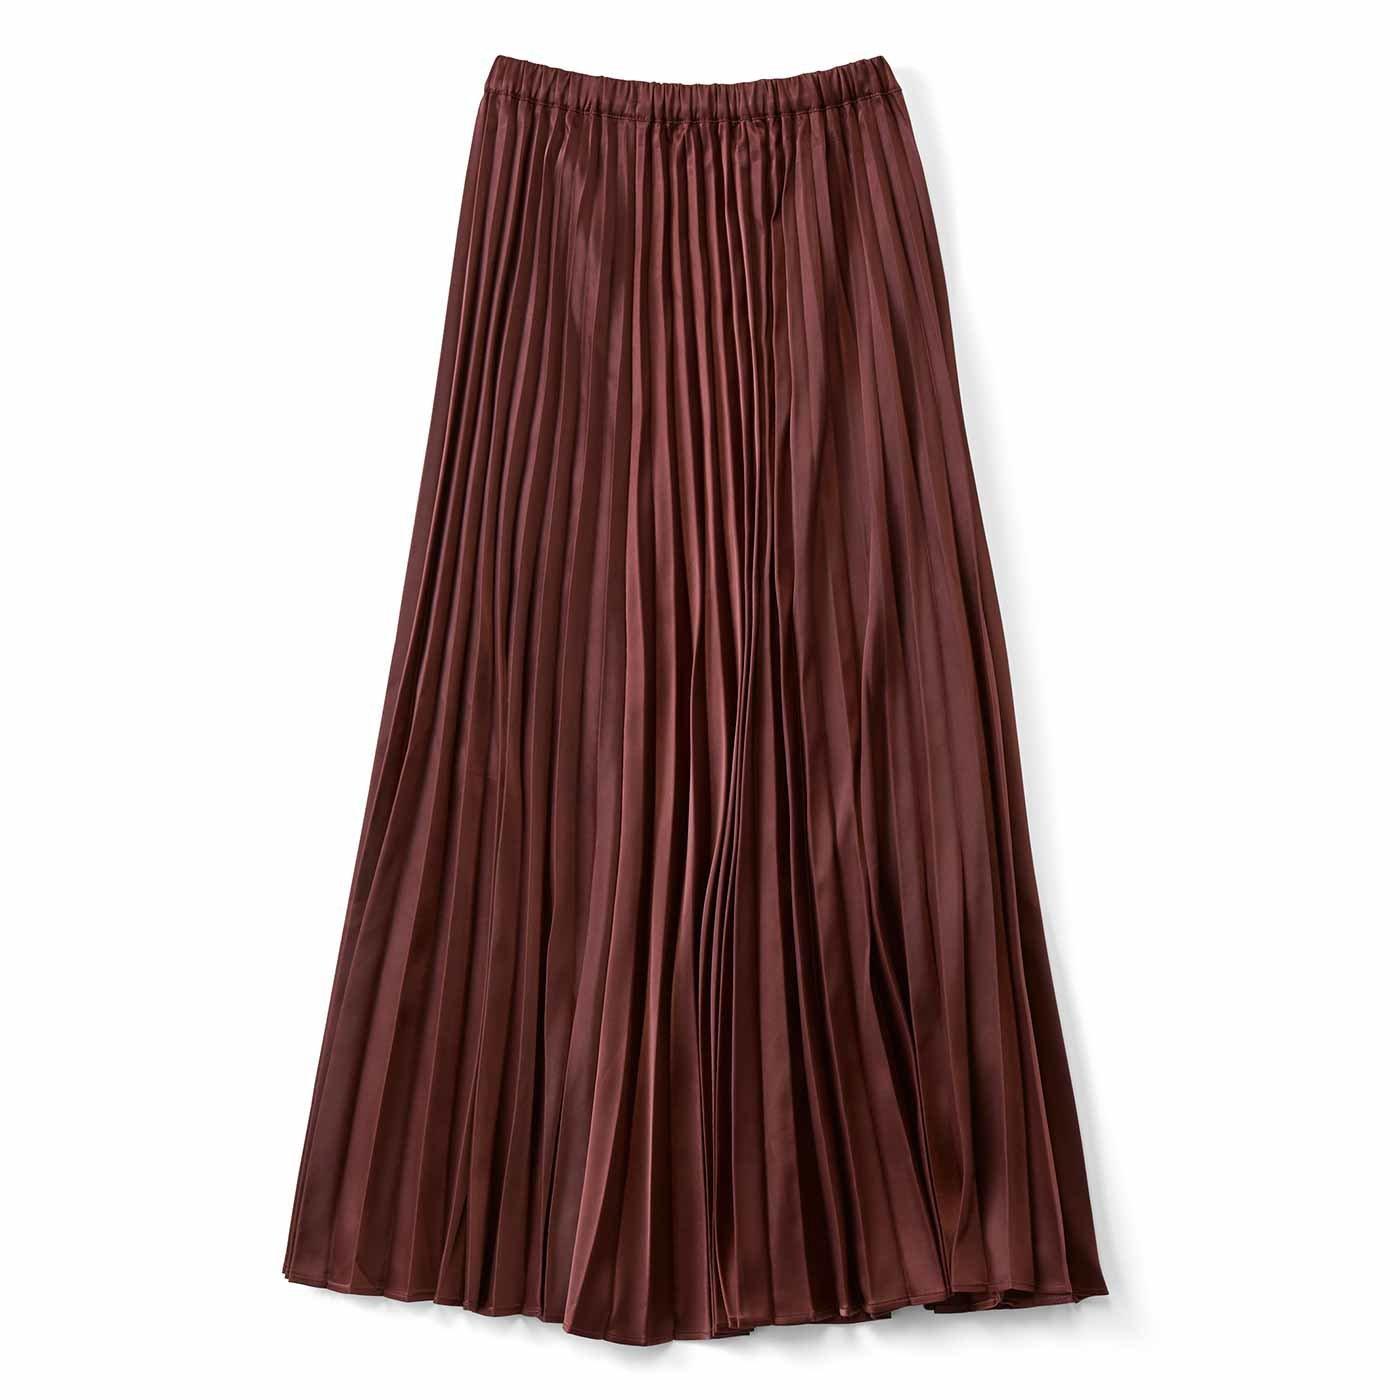 シルエットがキレイなサテンプリーツスカート〈ブラウン〉